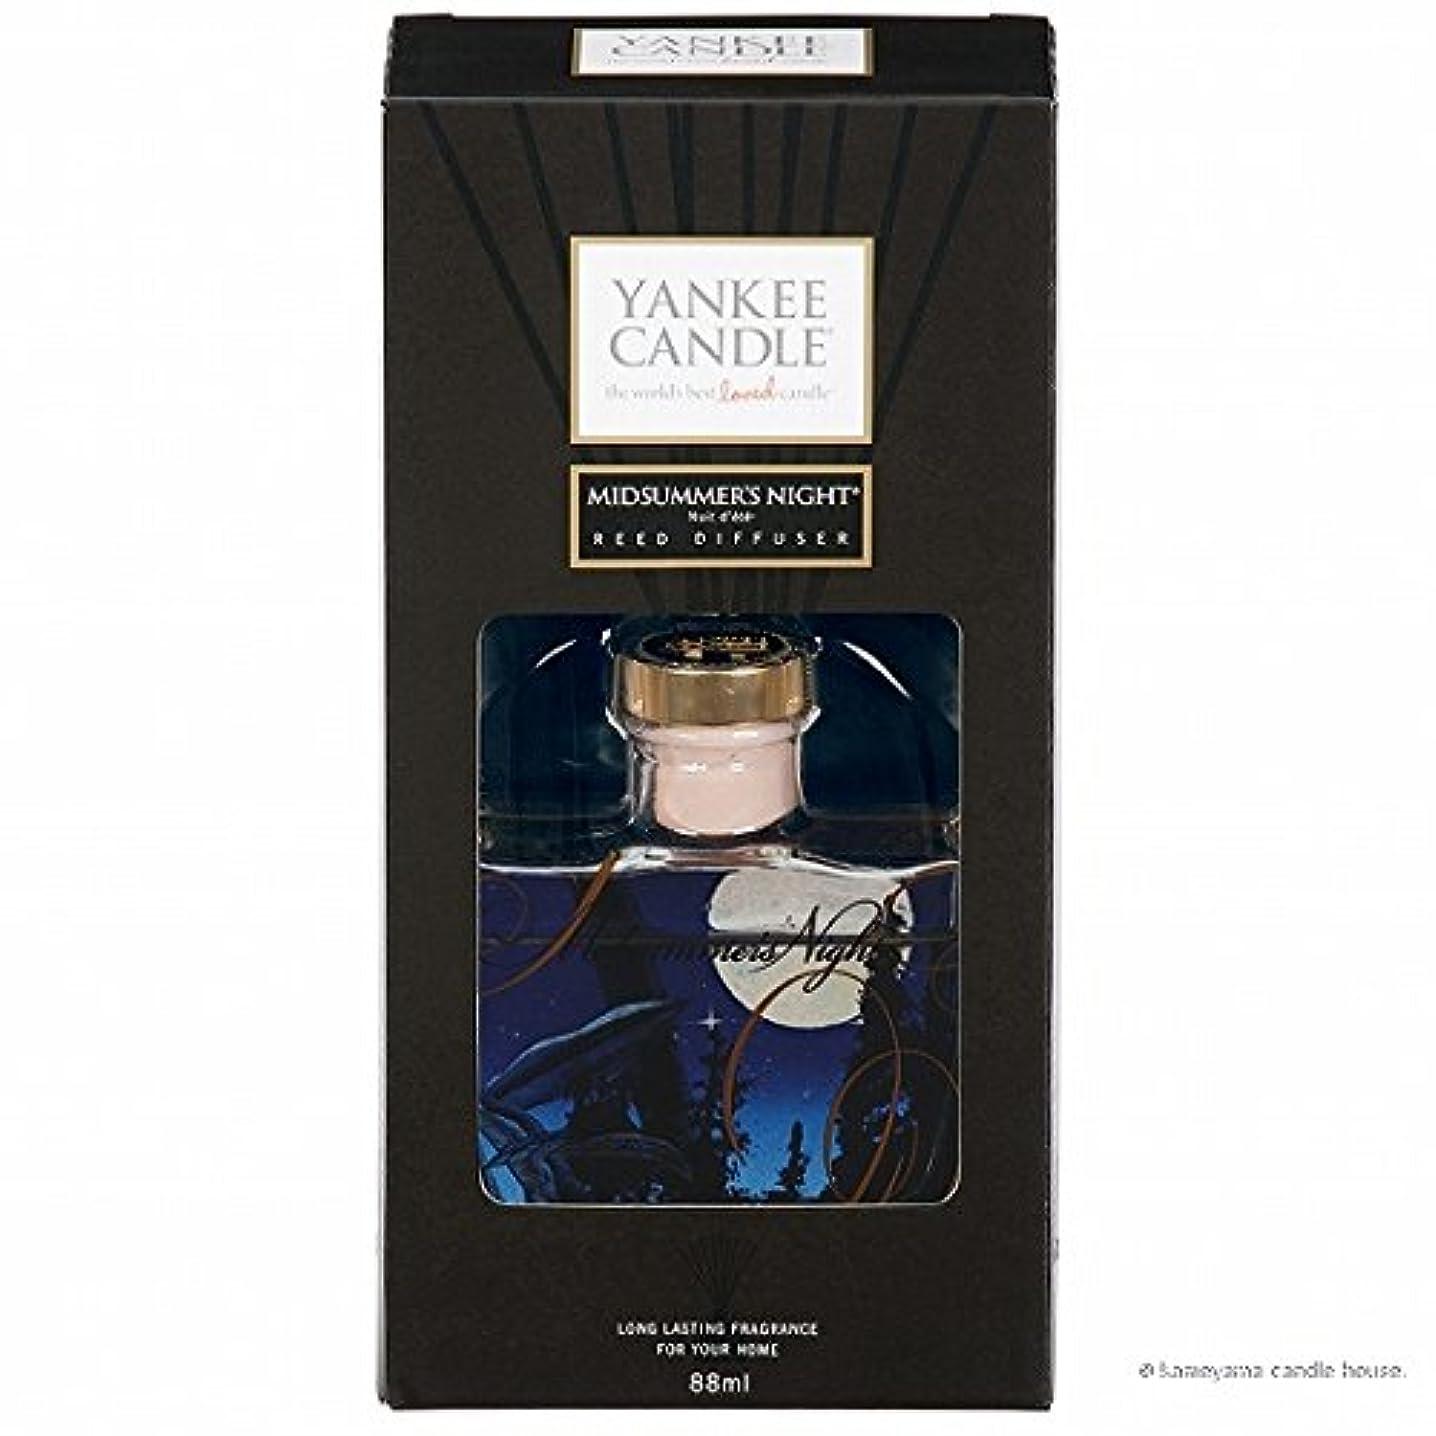 規範めまい杖カメヤマキャンドル( kameyama candle ) YANKEE CANDLE リードディフューザー 「 ミッドサマーズナイト 」